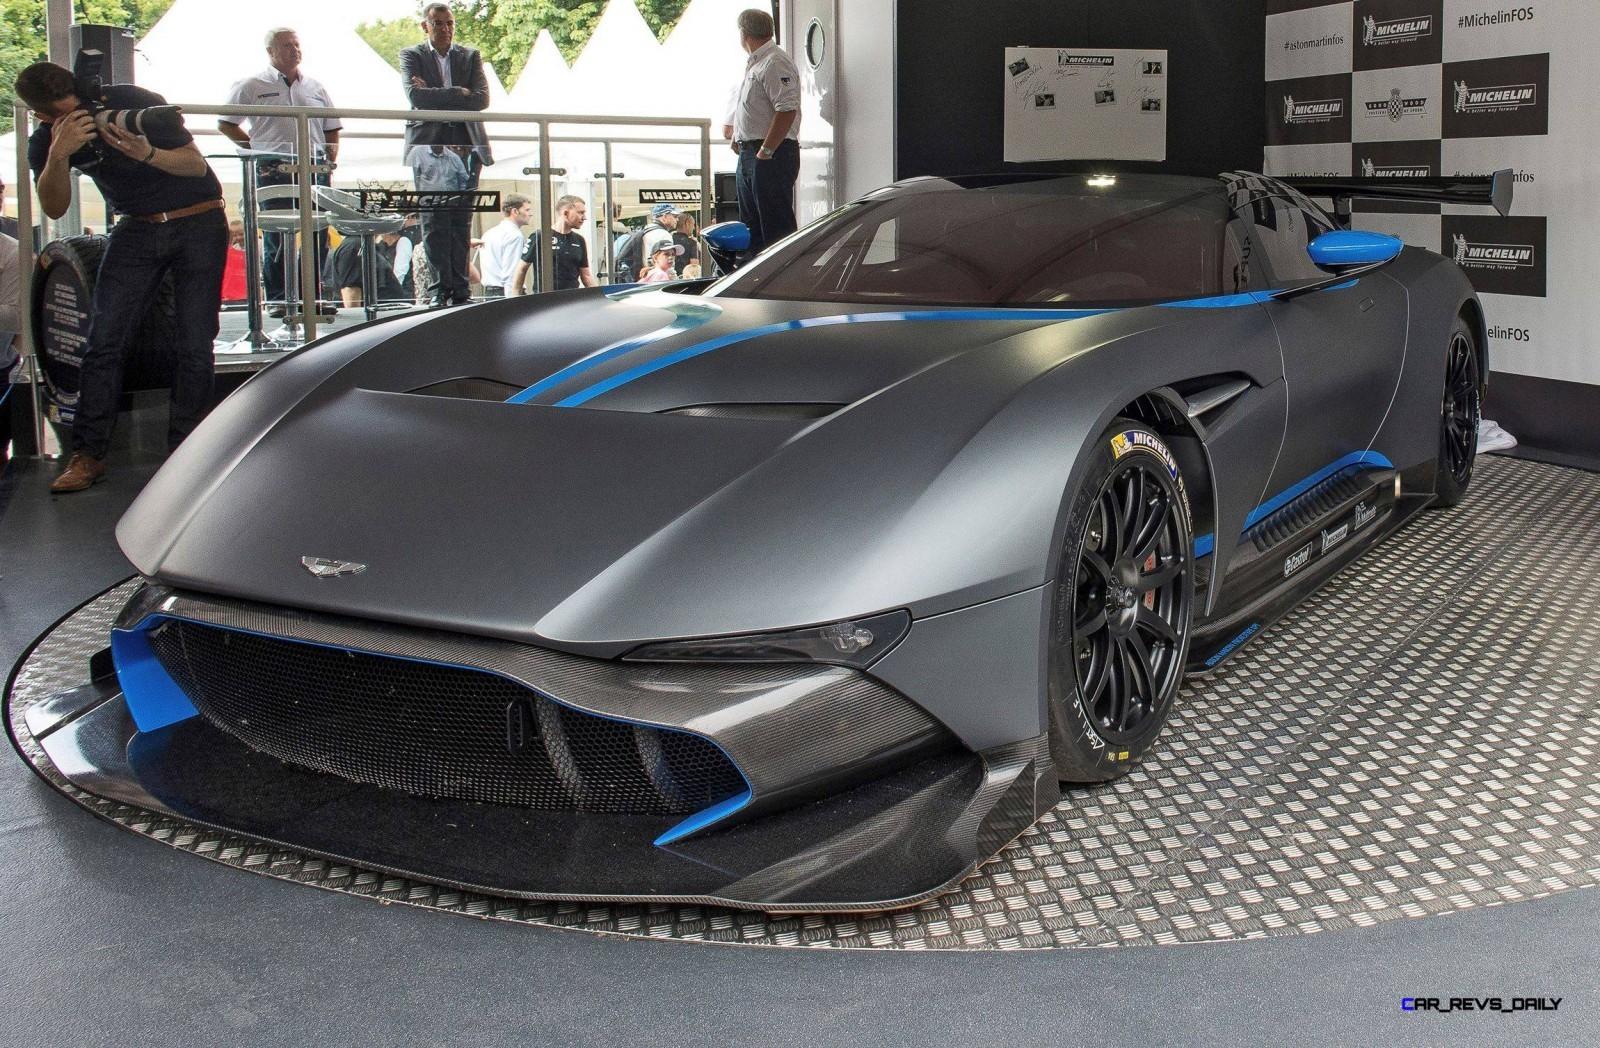 http://www.car-revs-daily.com/wp-content/uploads/2015/06/Aston-Martin-VULCAN-5-1600x1048.jpg